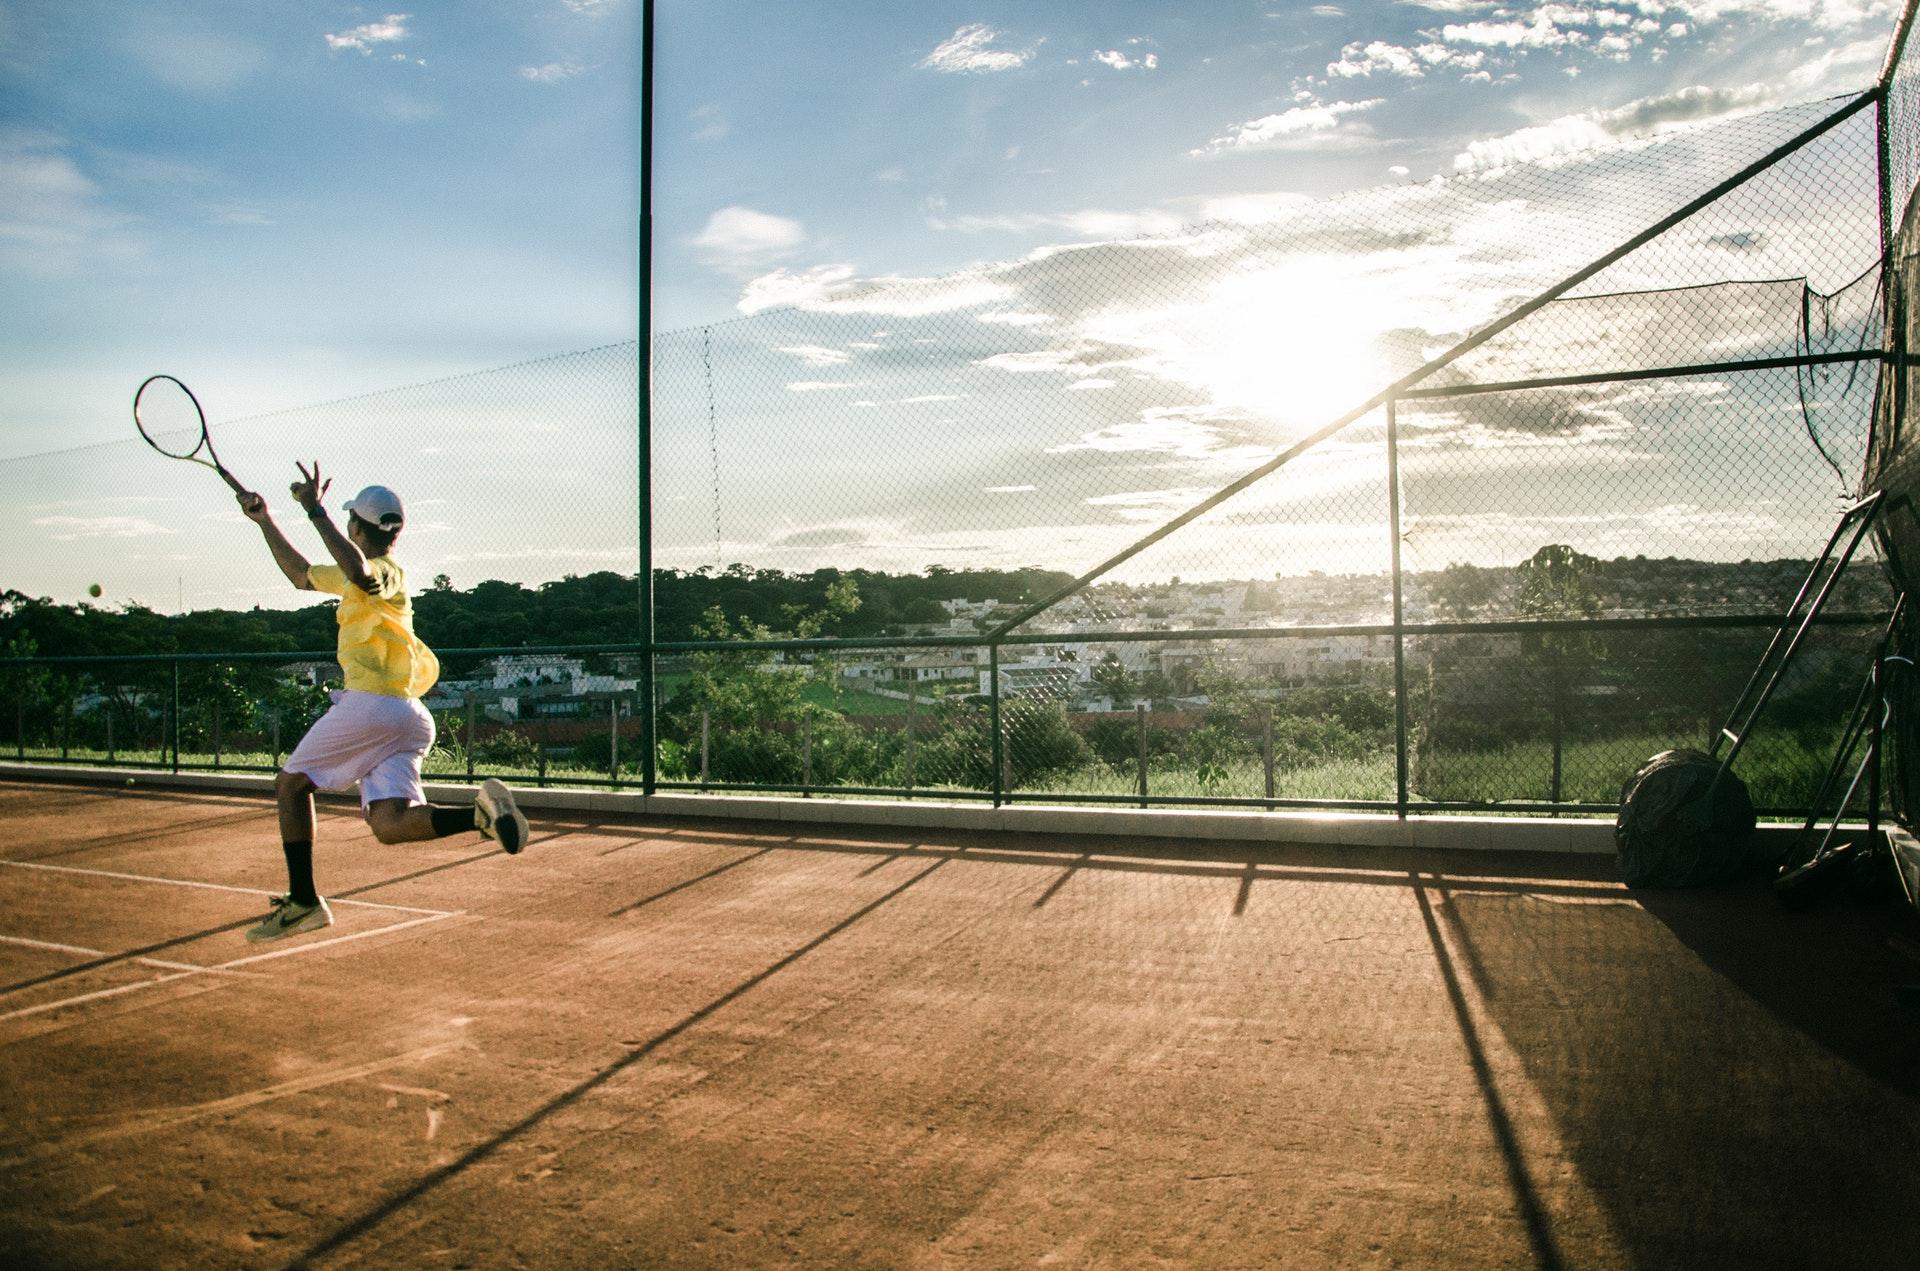 Nuestra Misión - La misión de la Fundación Fernando González es fomentar, promover y masificar el deporte. Empezando por el tenis.